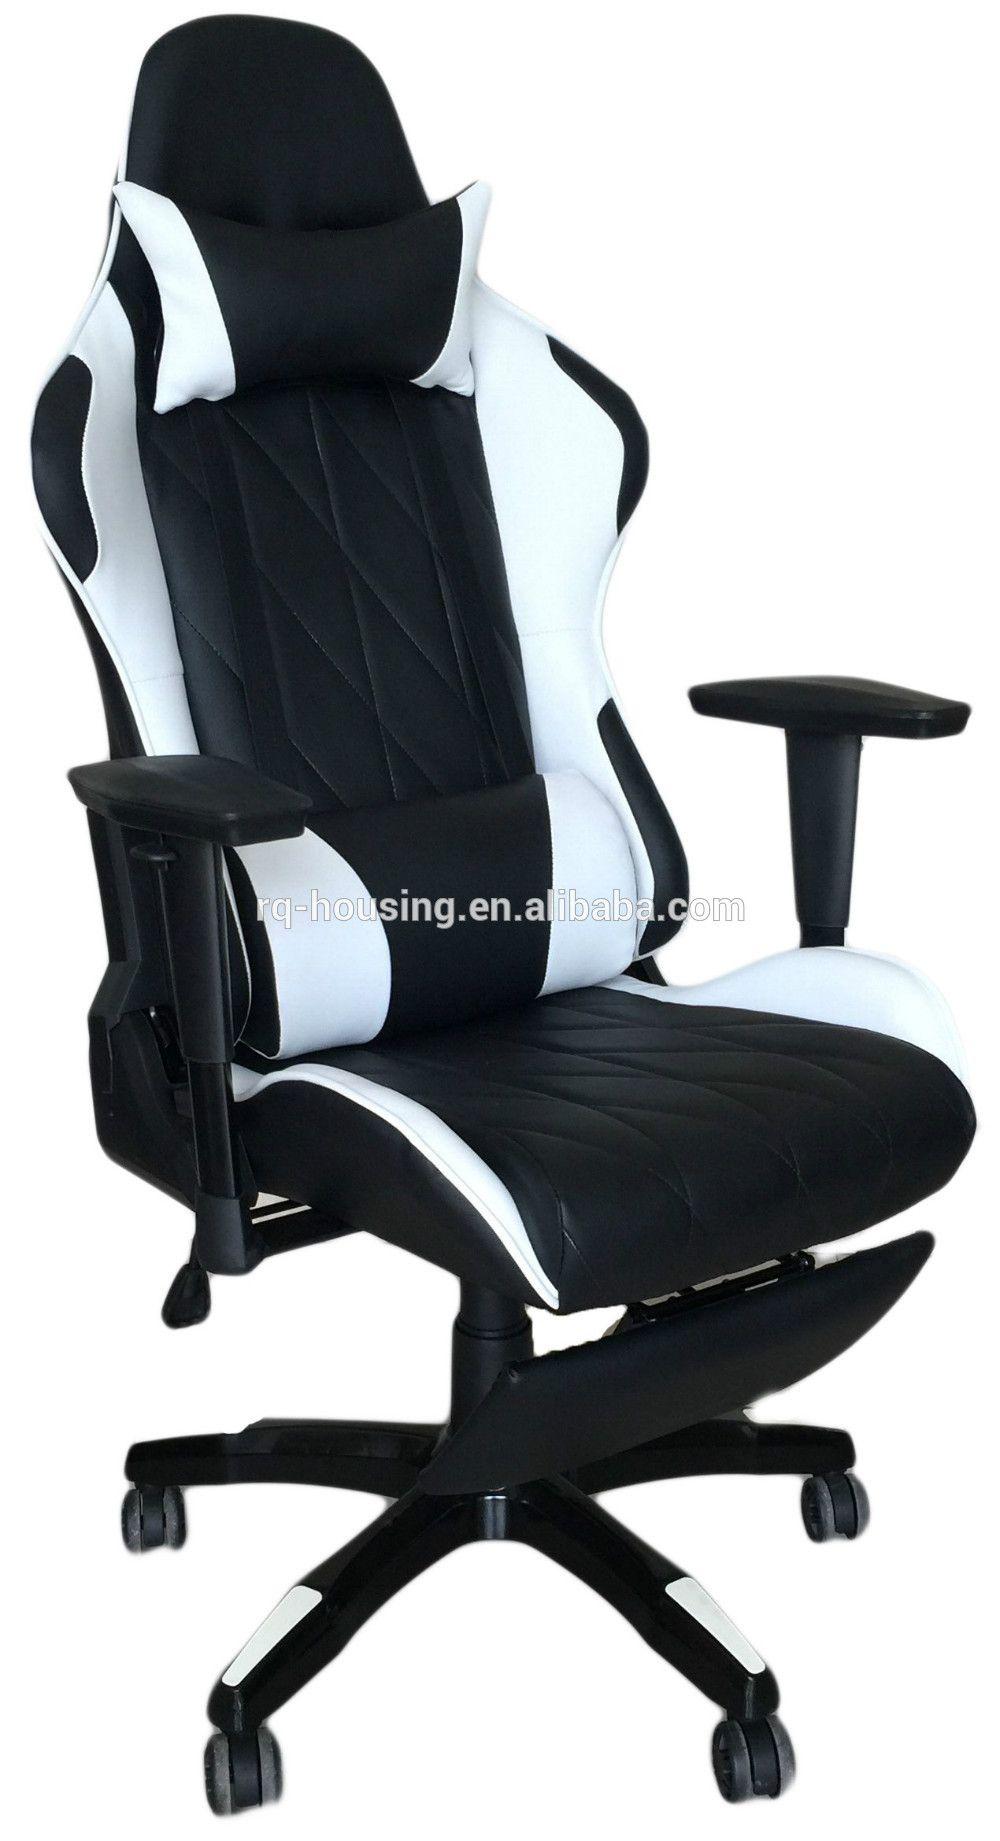 Luxus Executive Office Chairbest Verkaufen Racing Chairpu   Best Executive  Office Chair #Bürostühle